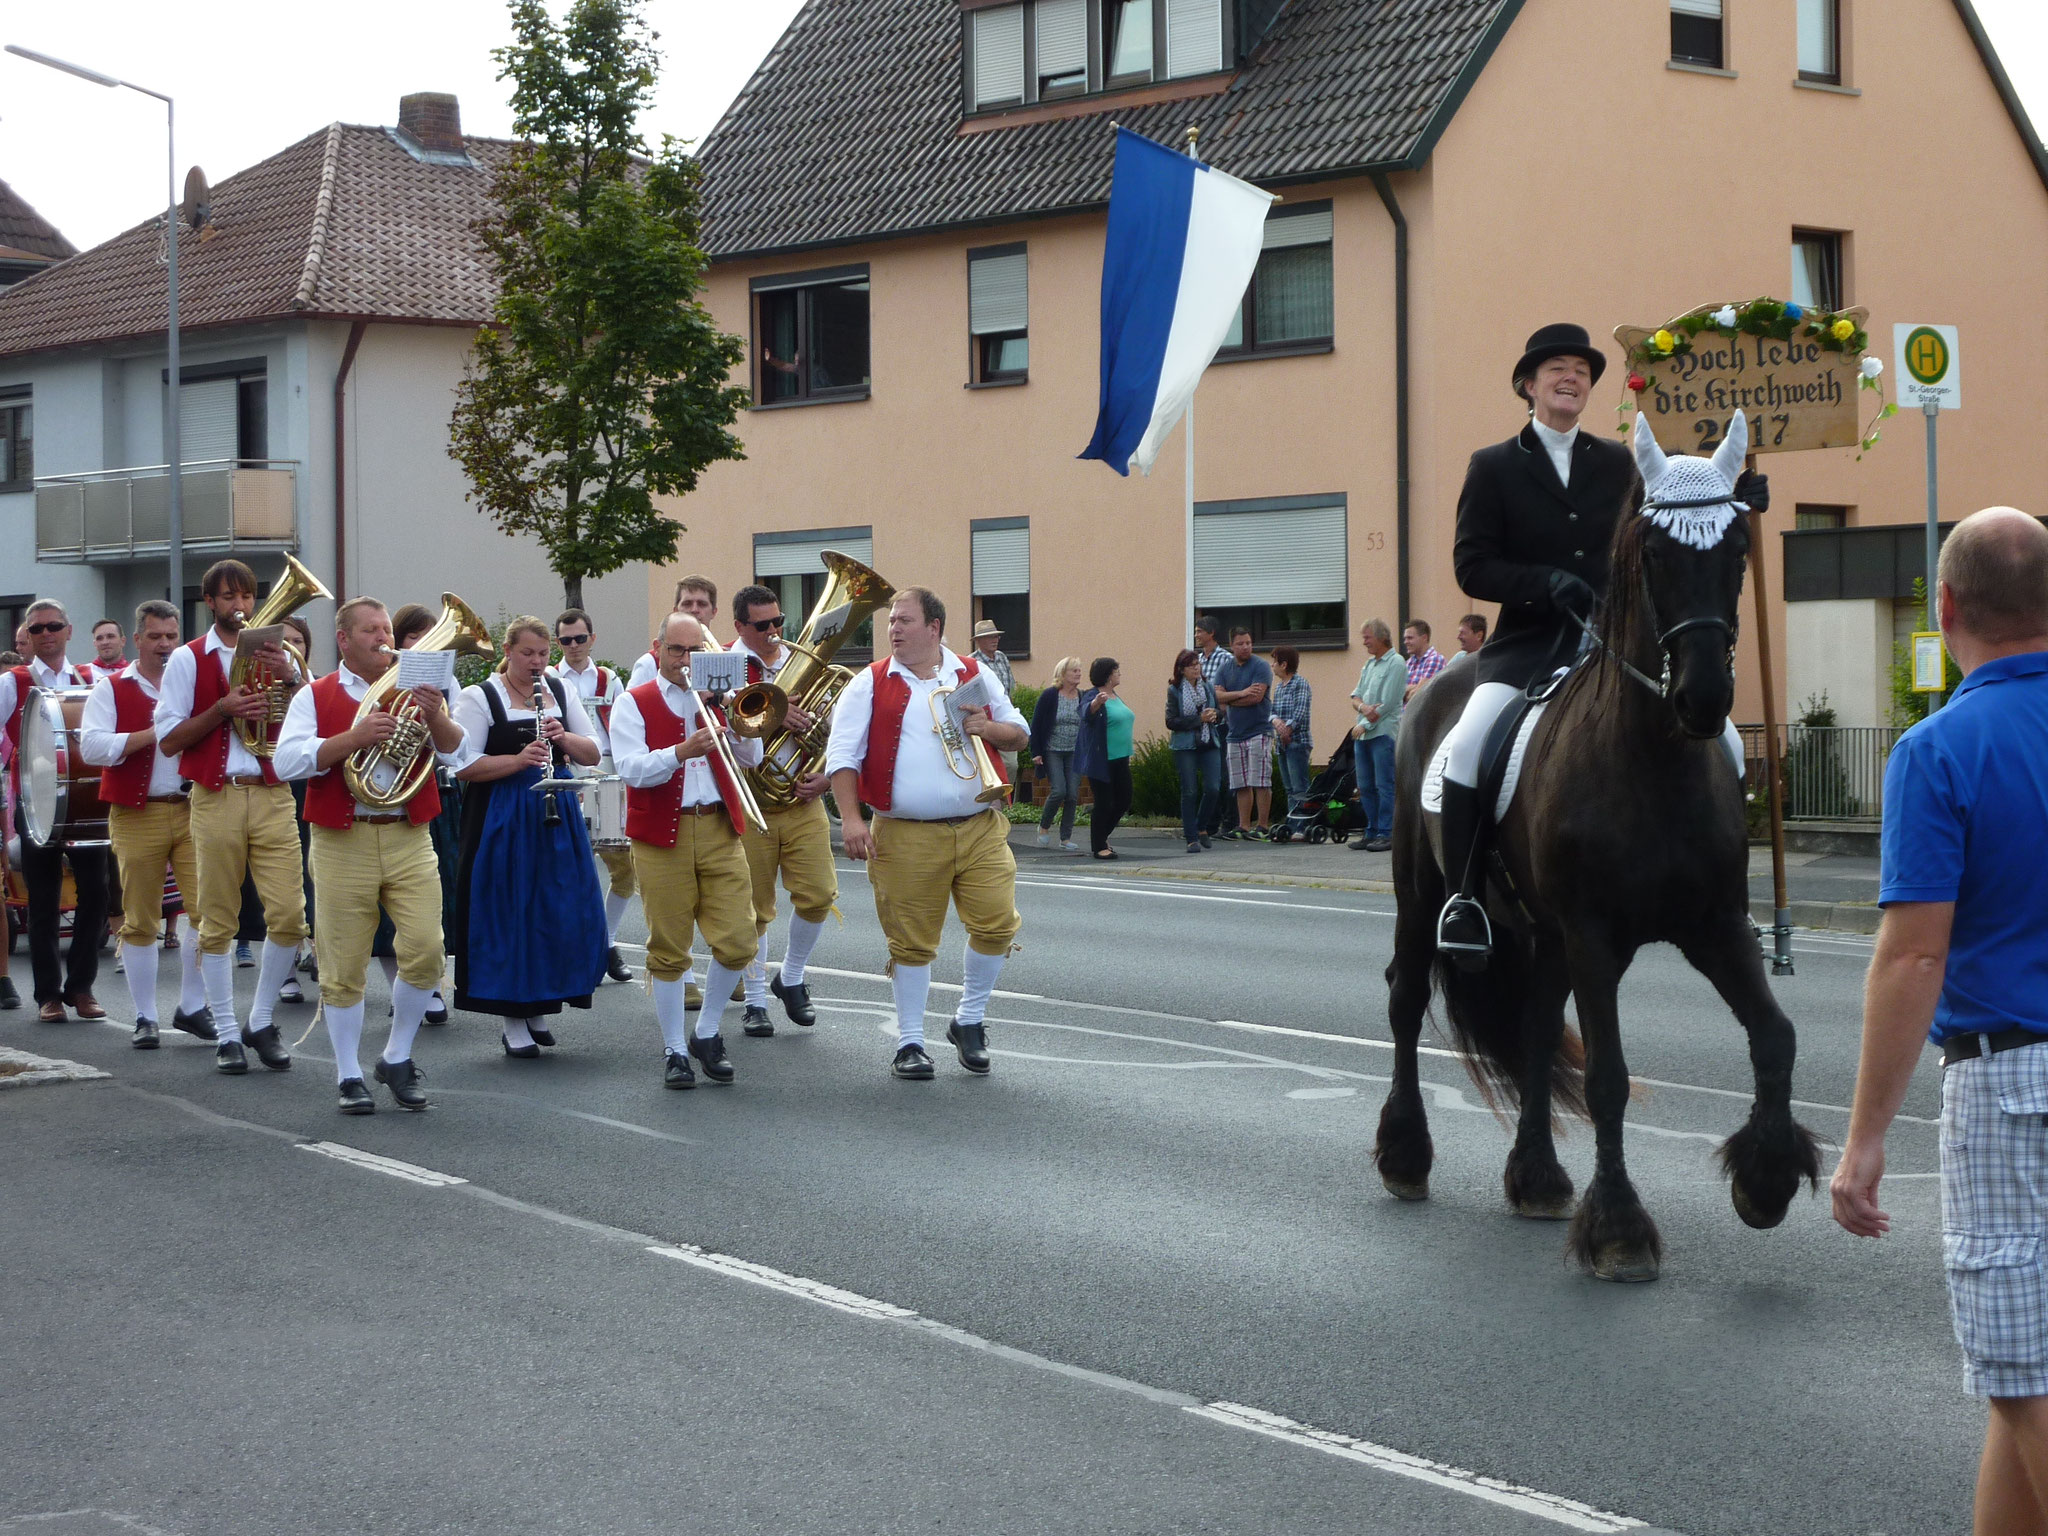 Kirchweih 2017